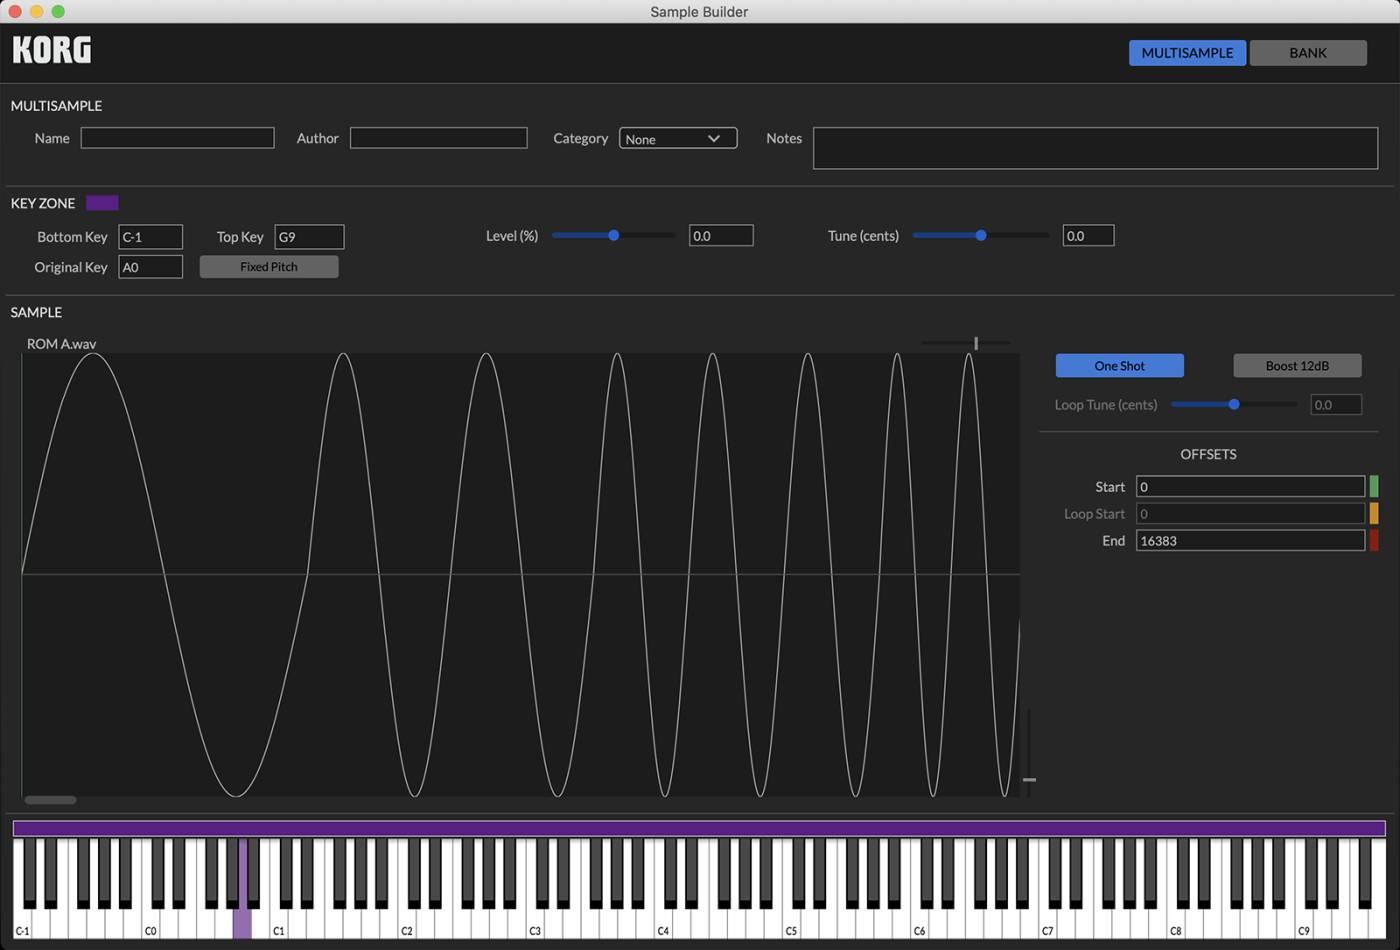 Korg Modwave Sample Builder